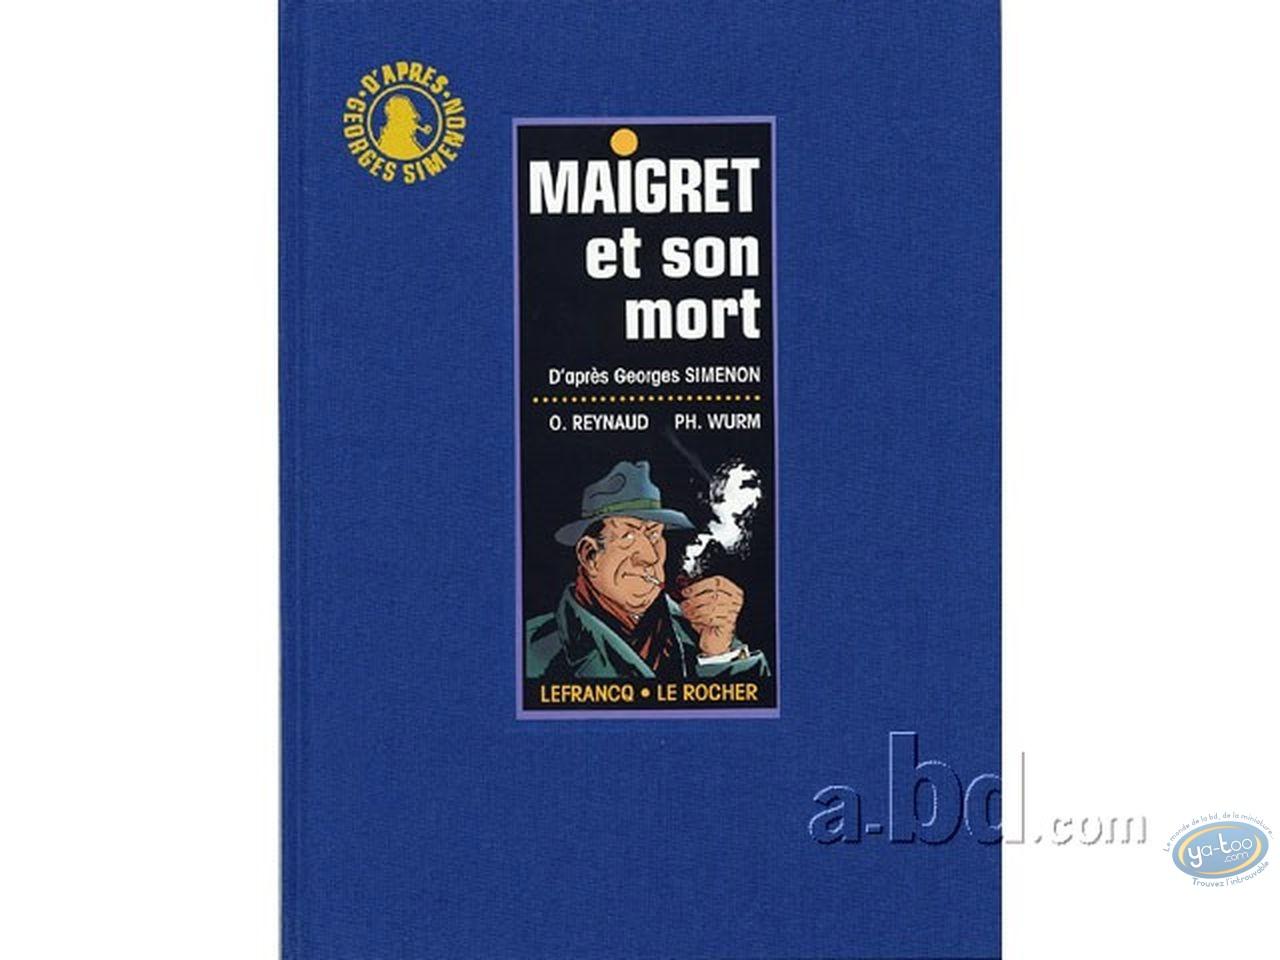 Tirage de tête, Maigret : Maigret et son mort